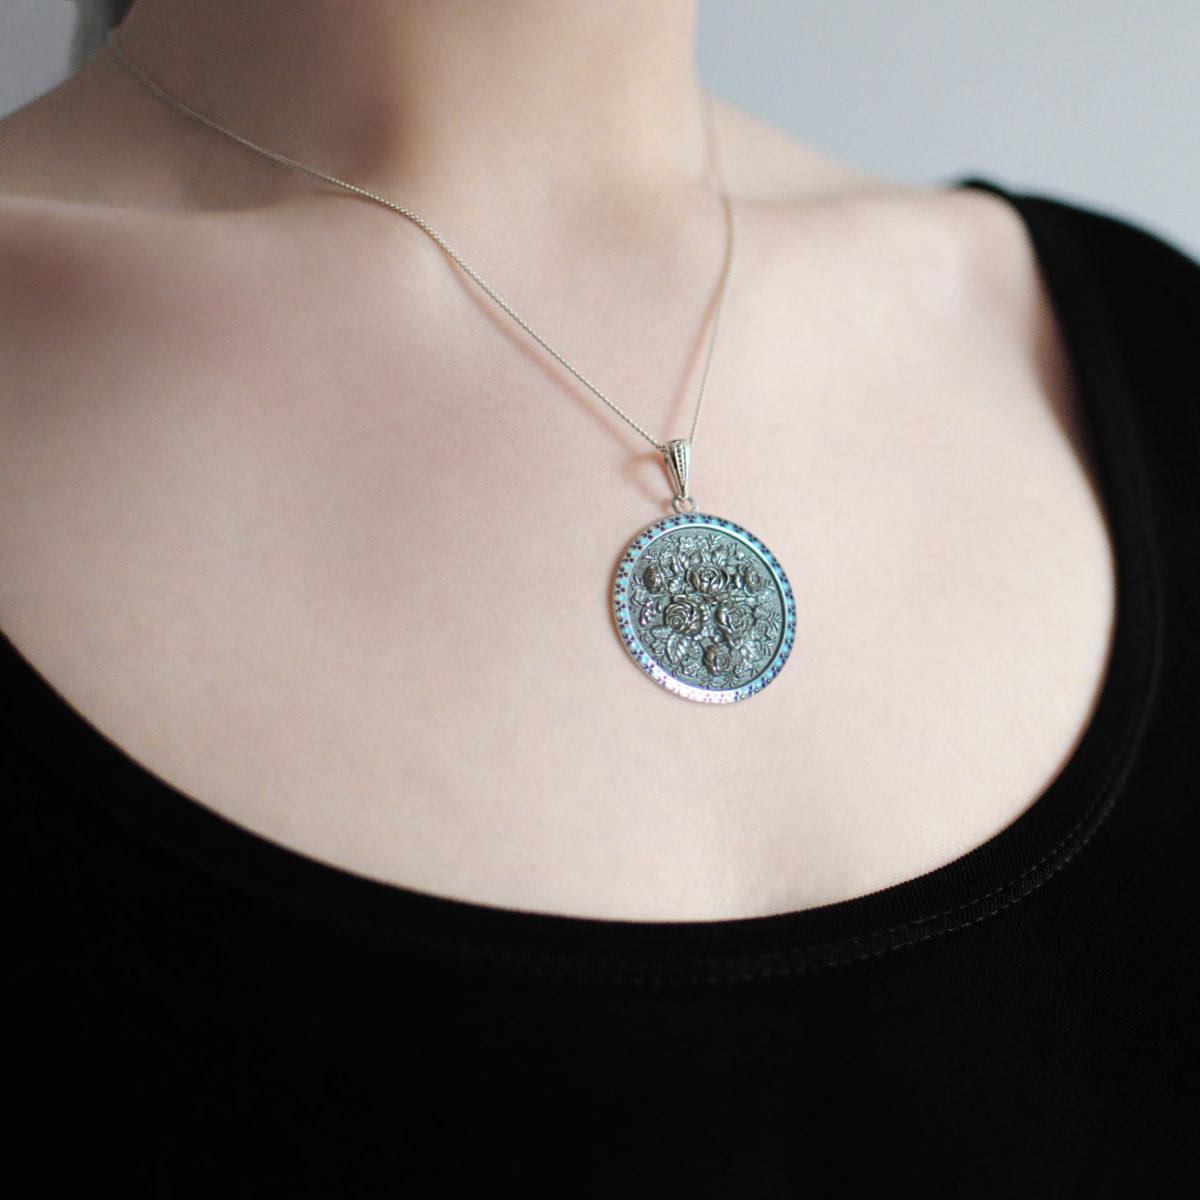 serebro sinyaya shema 1 1200x1200 - Серебряная подвеска круглая «Жостово», синяя